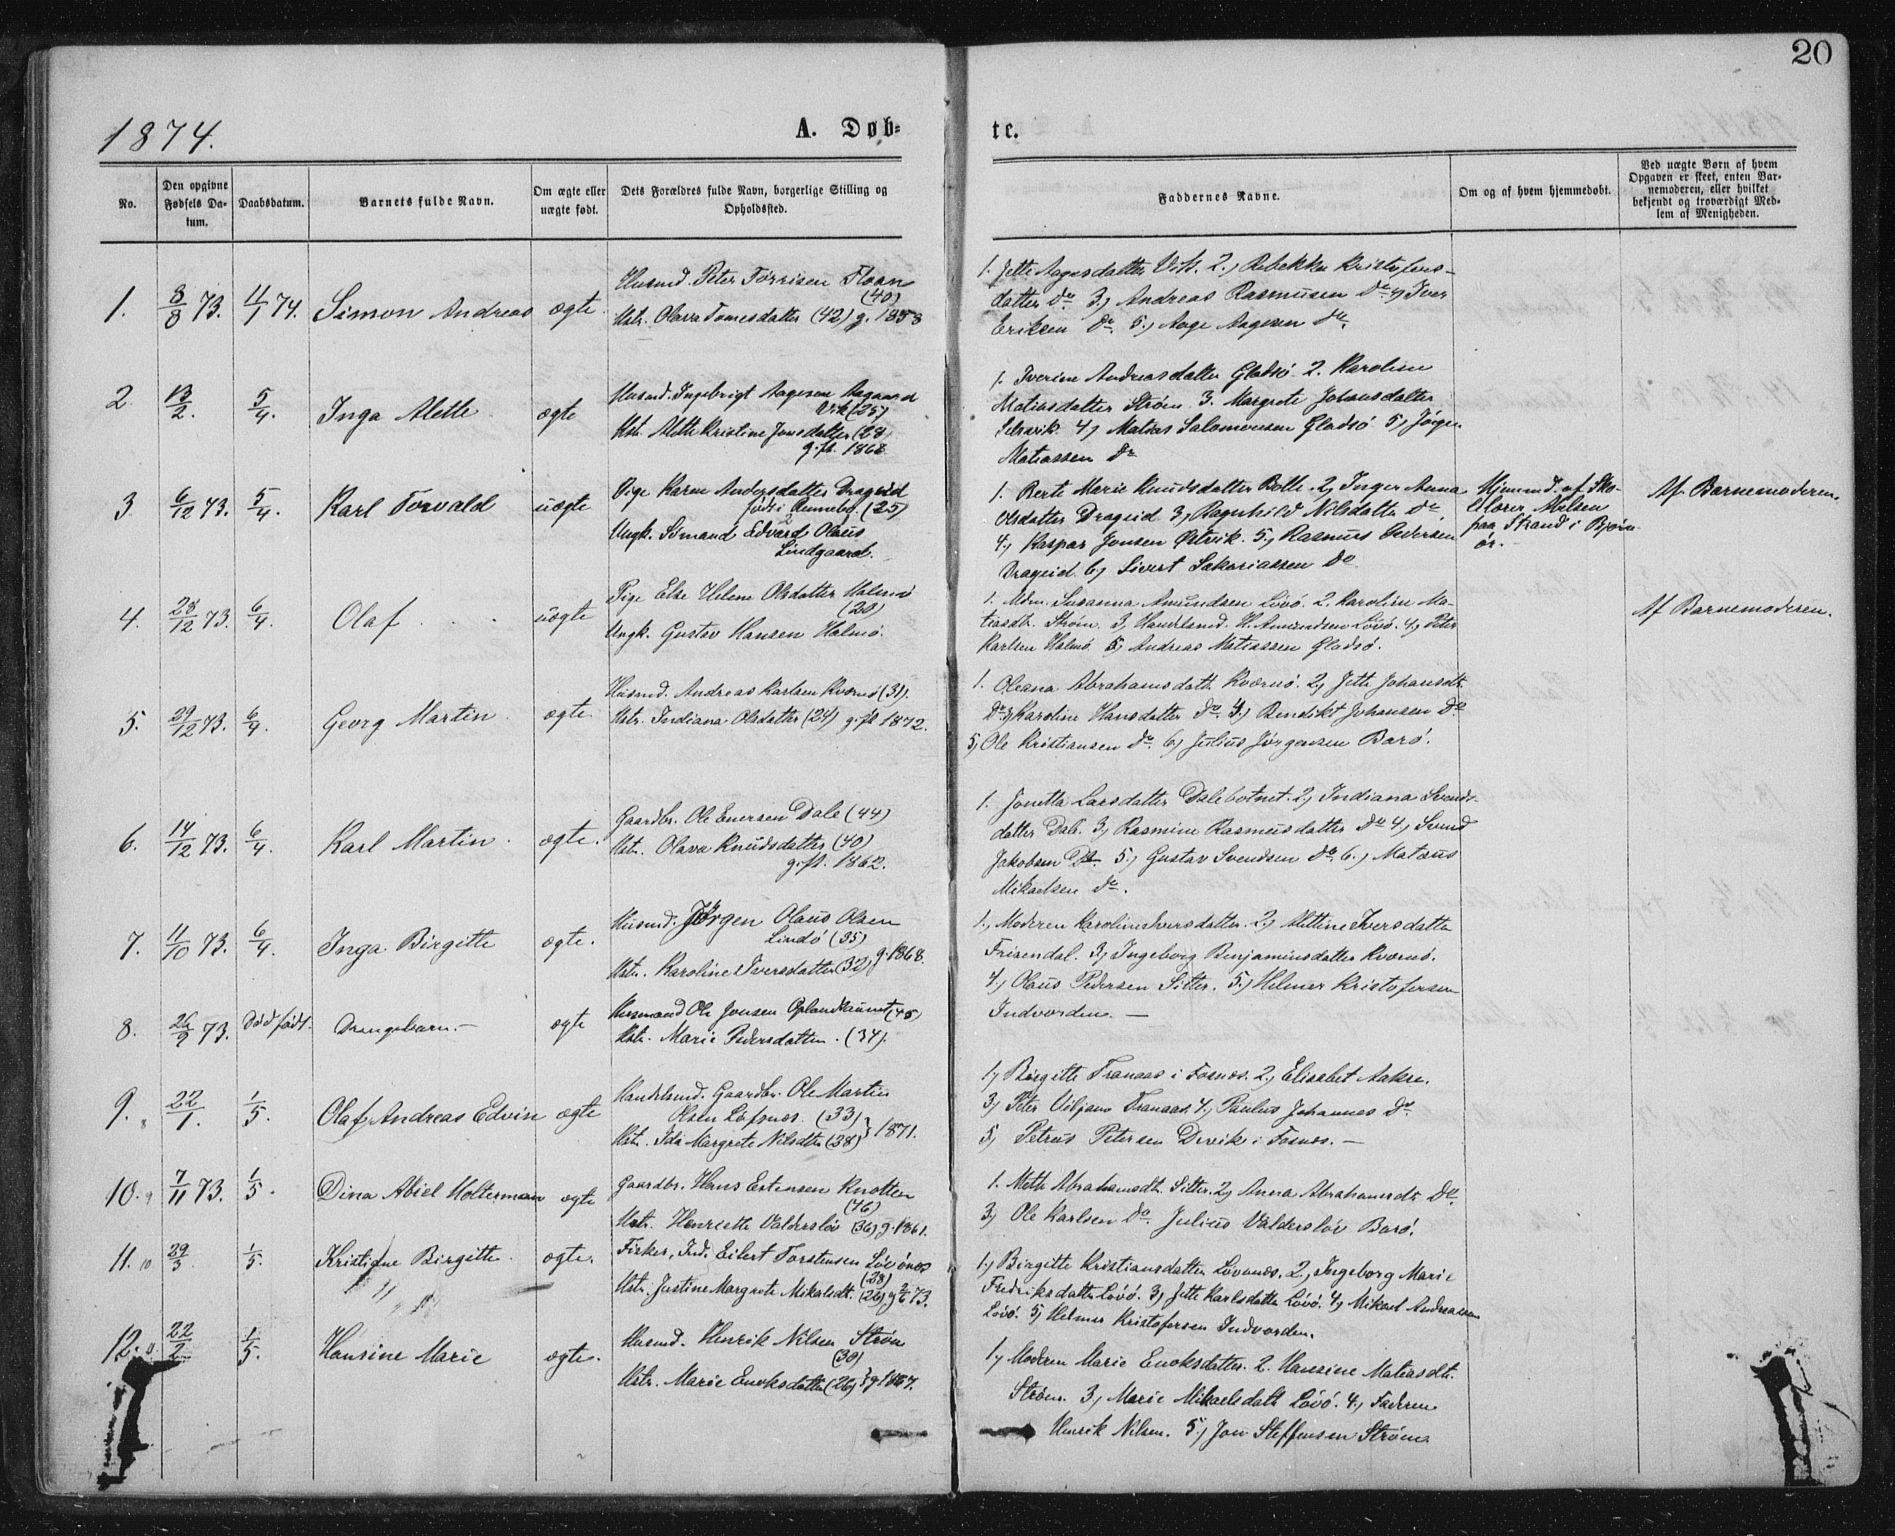 SAT, Ministerialprotokoller, klokkerbøker og fødselsregistre - Nord-Trøndelag, 771/L0596: Ministerialbok nr. 771A03, 1870-1884, s. 20